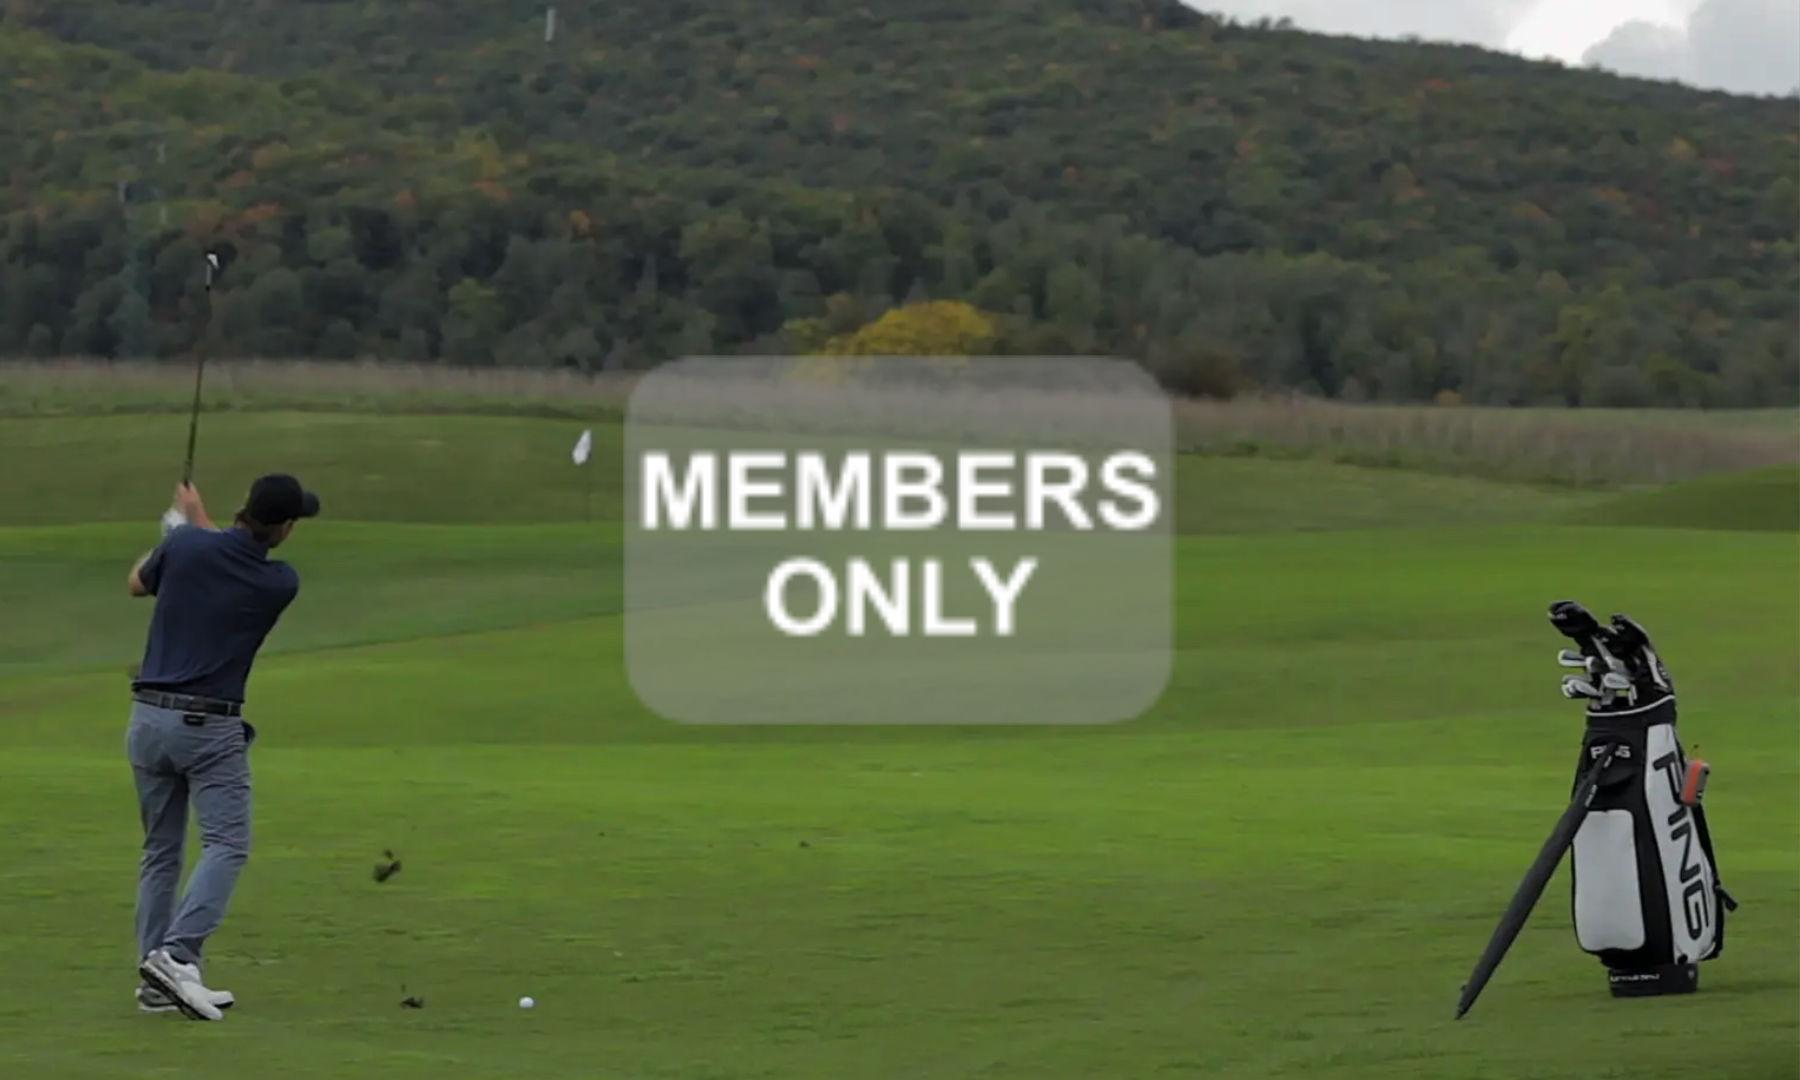 Golftraining in Schräglagen | Hanglagen im Golf lernen Videoportal erklärt | Die Balllage aufwärts